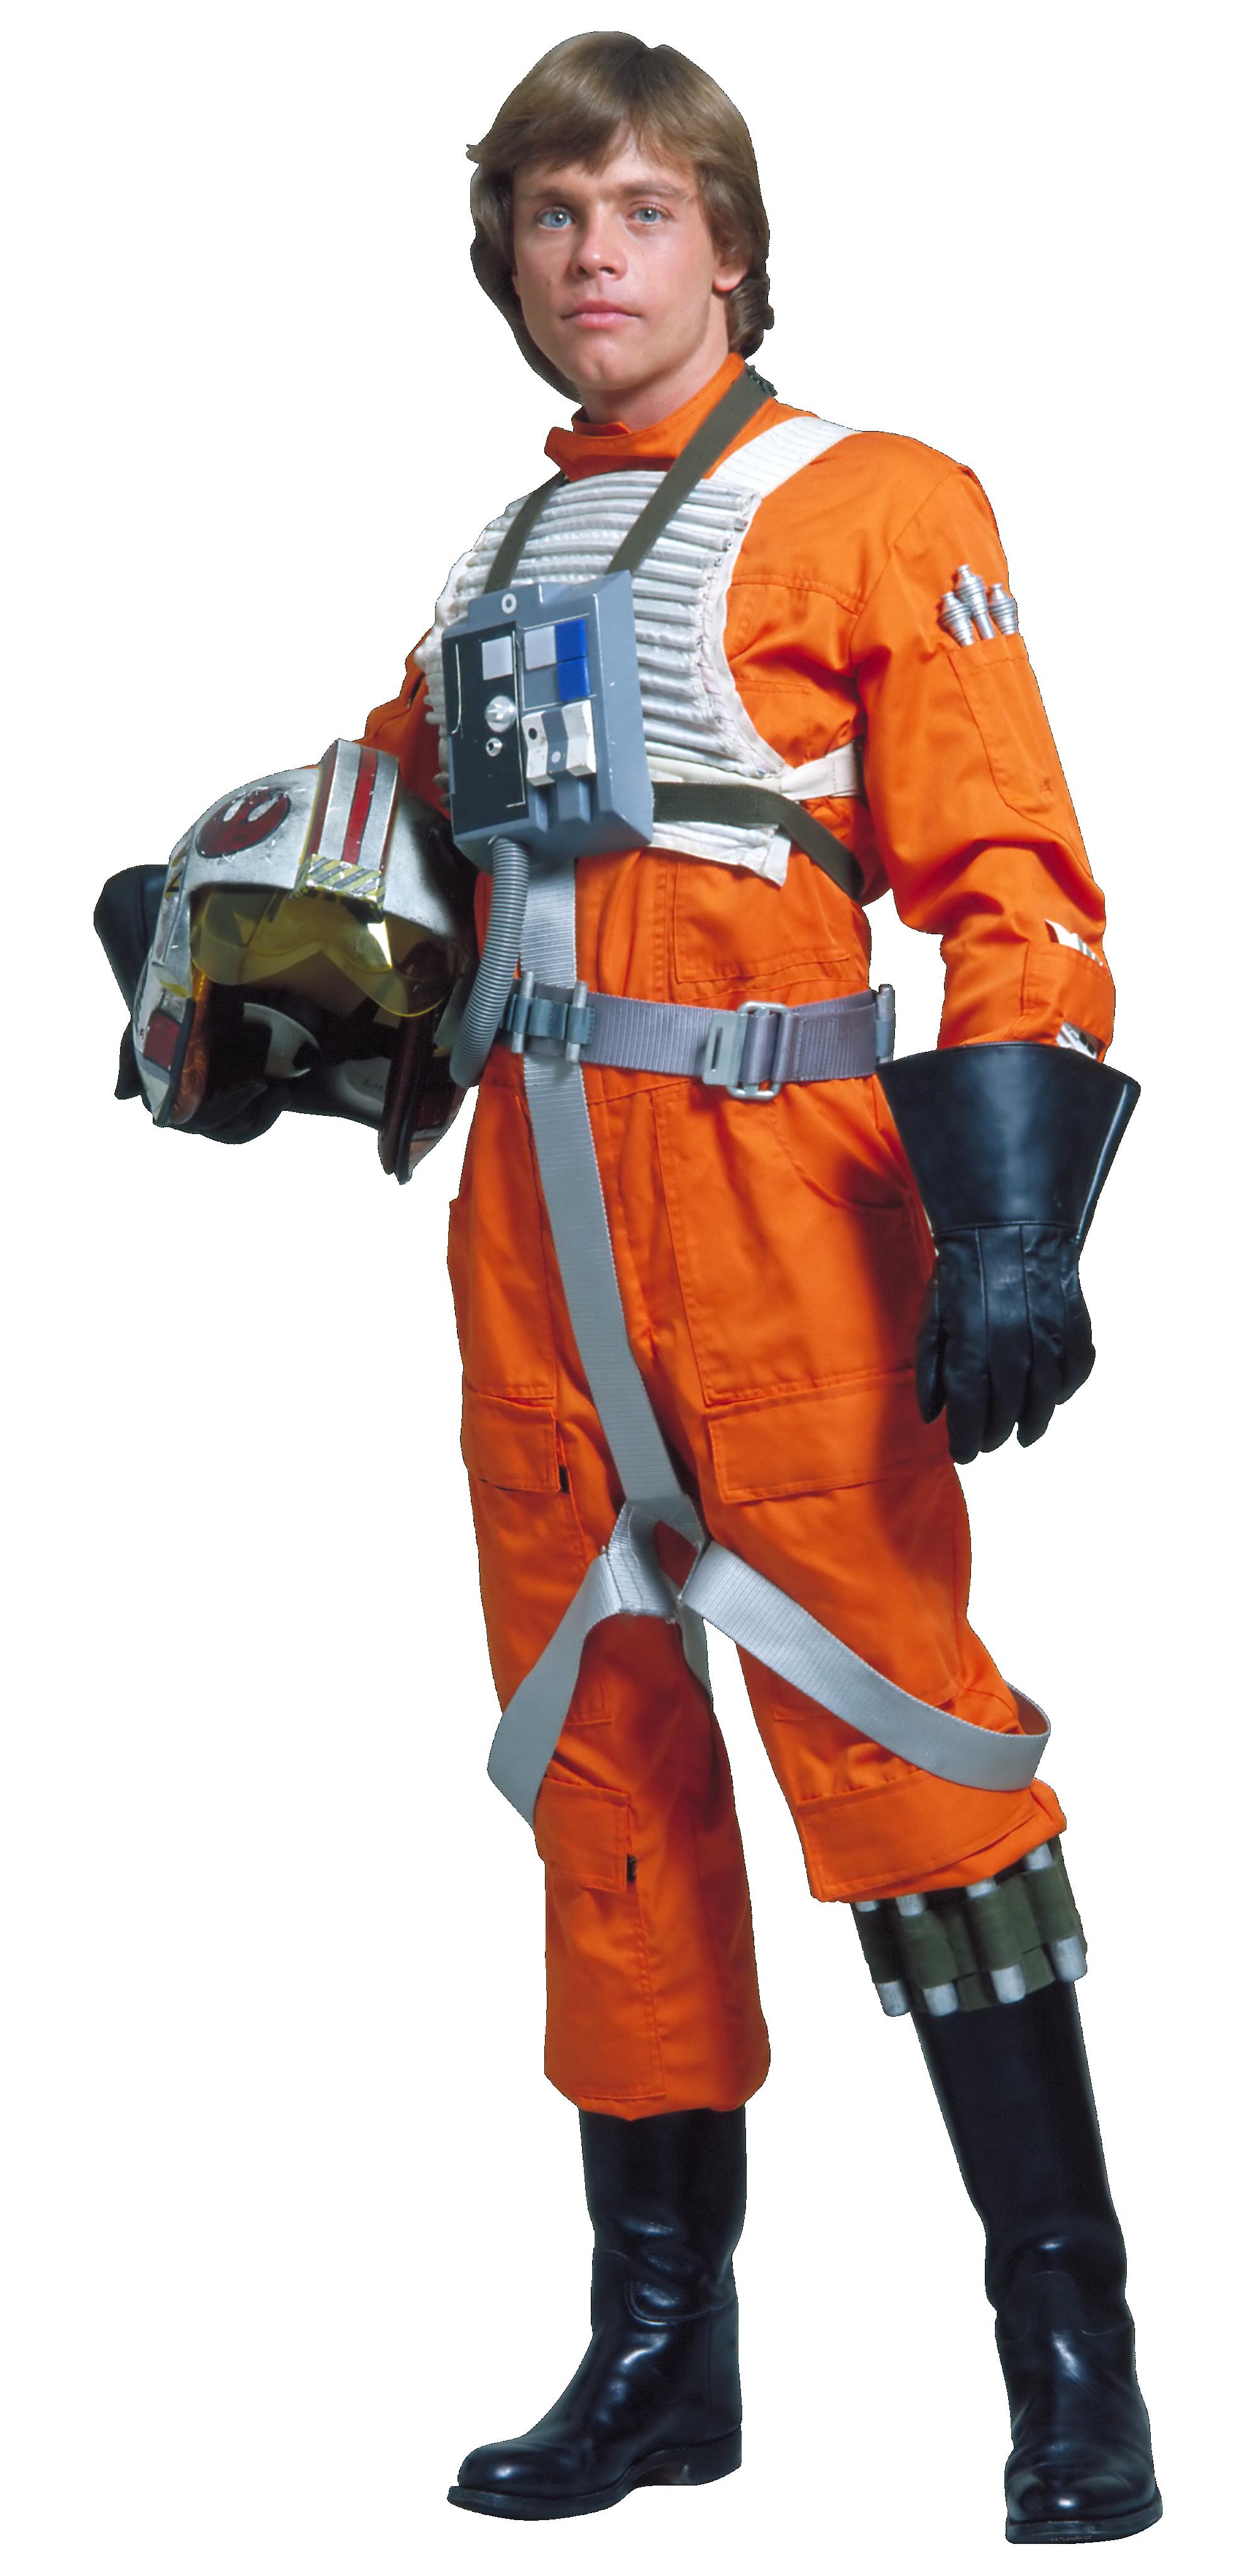 反乱軍パイロット | Wookieepedi...